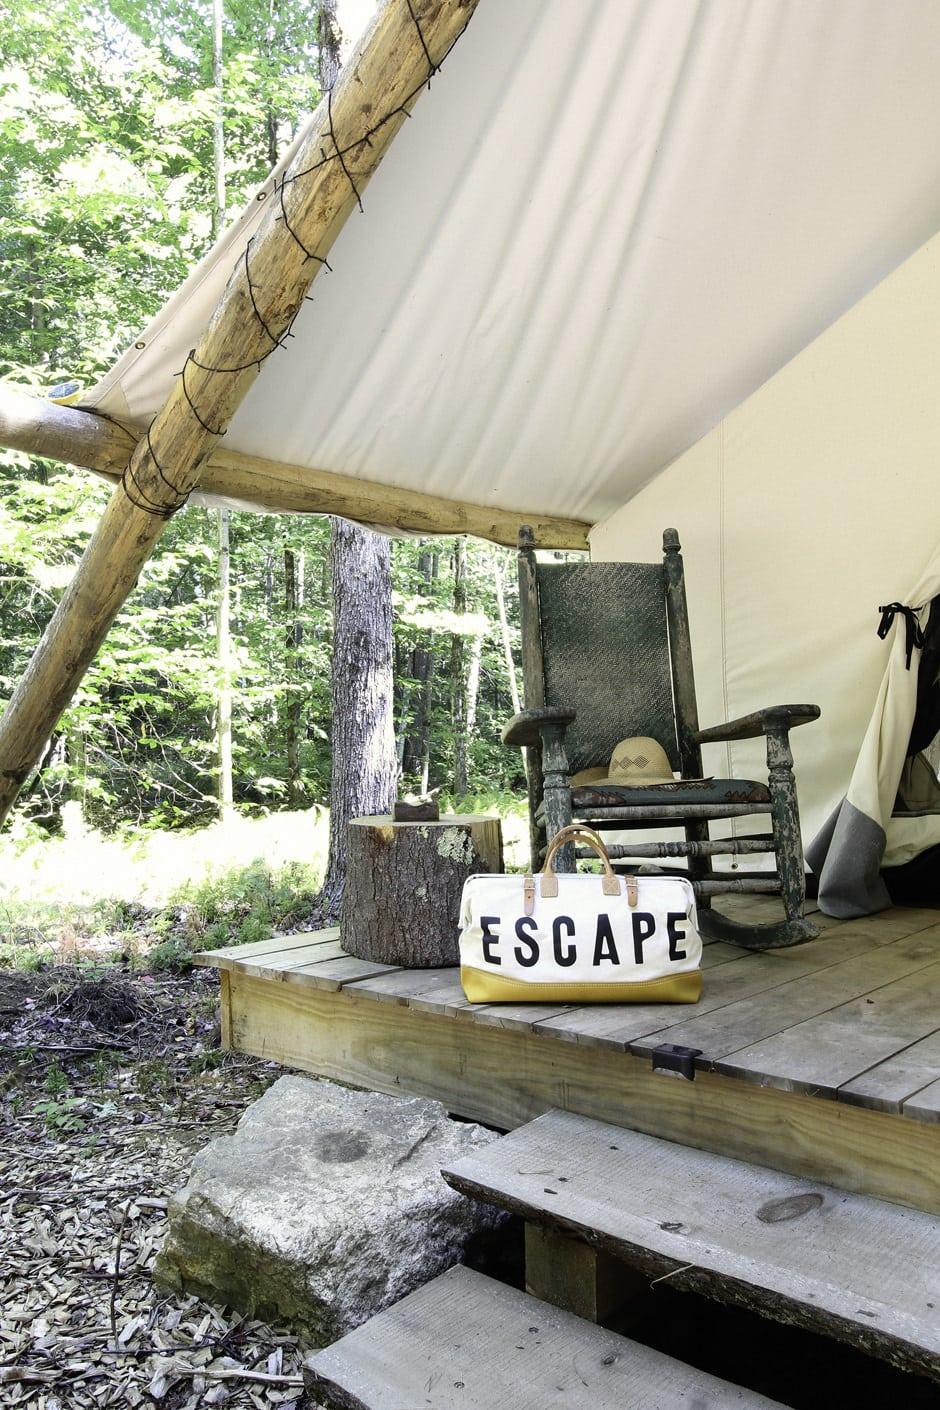 A Scenic Roadtrip Through the Adirondacks - ESCAPE BROOKLYN